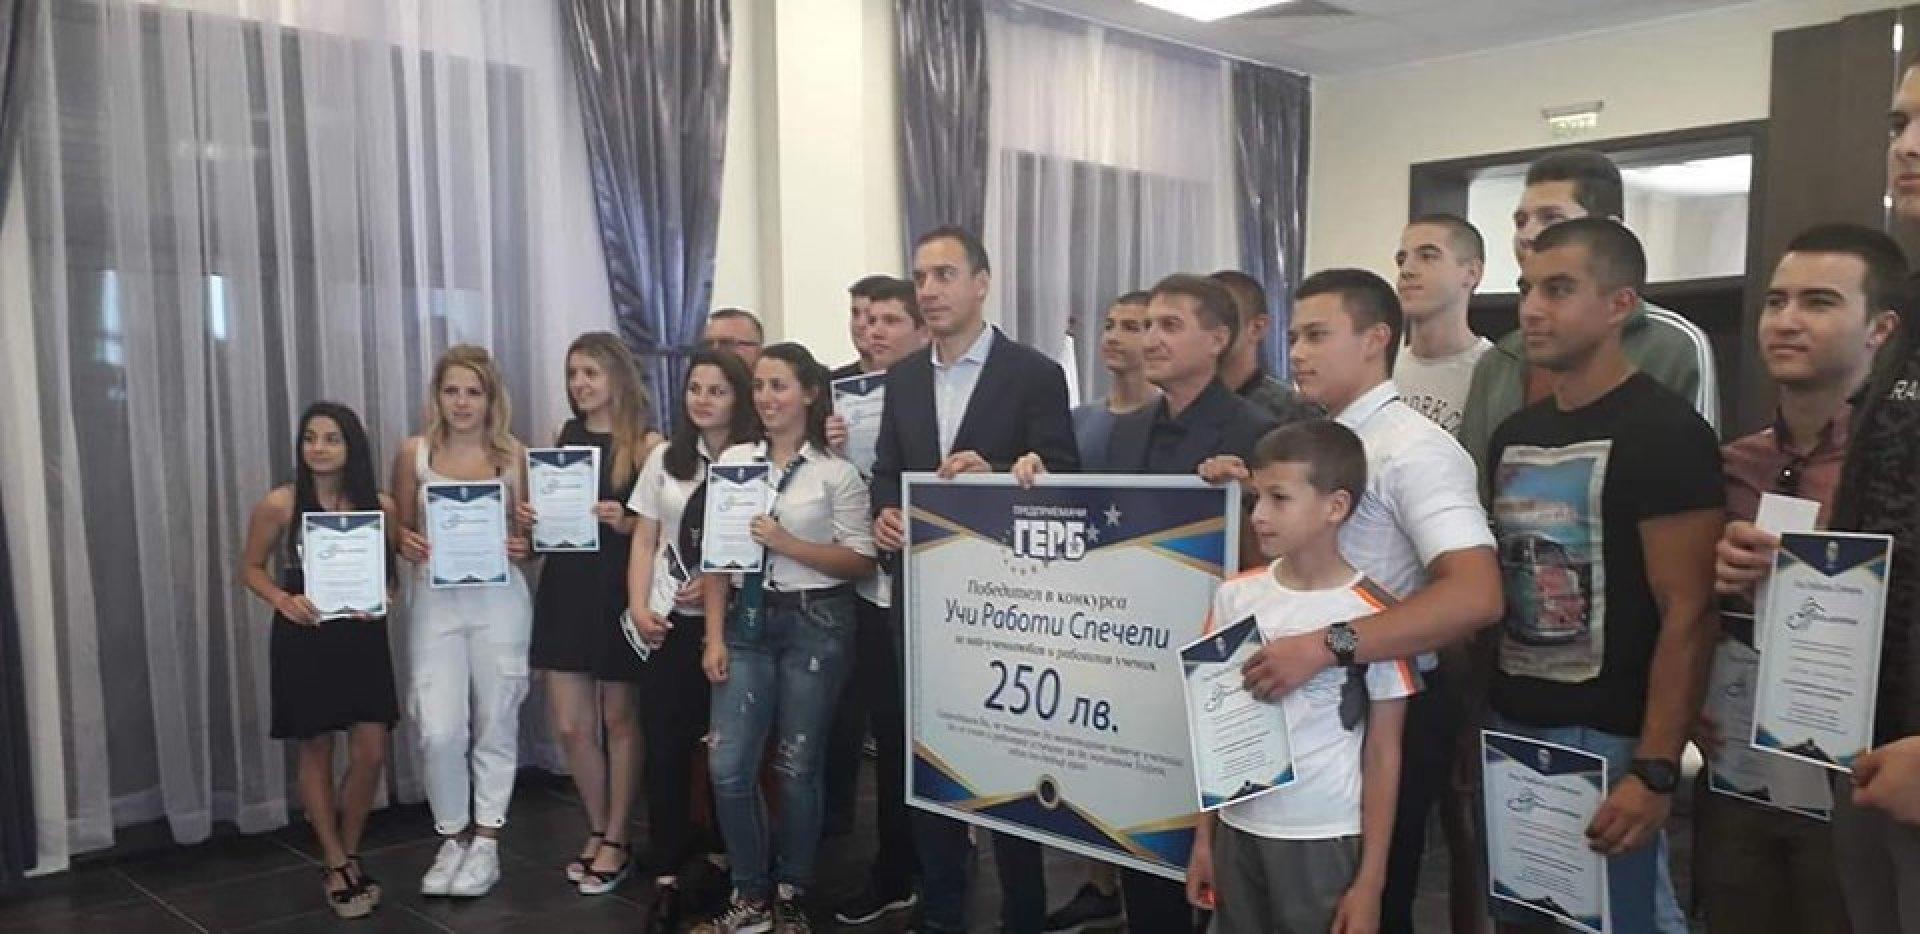 Грамотите бяха връчени от кмета на Бургас Димитър Николов